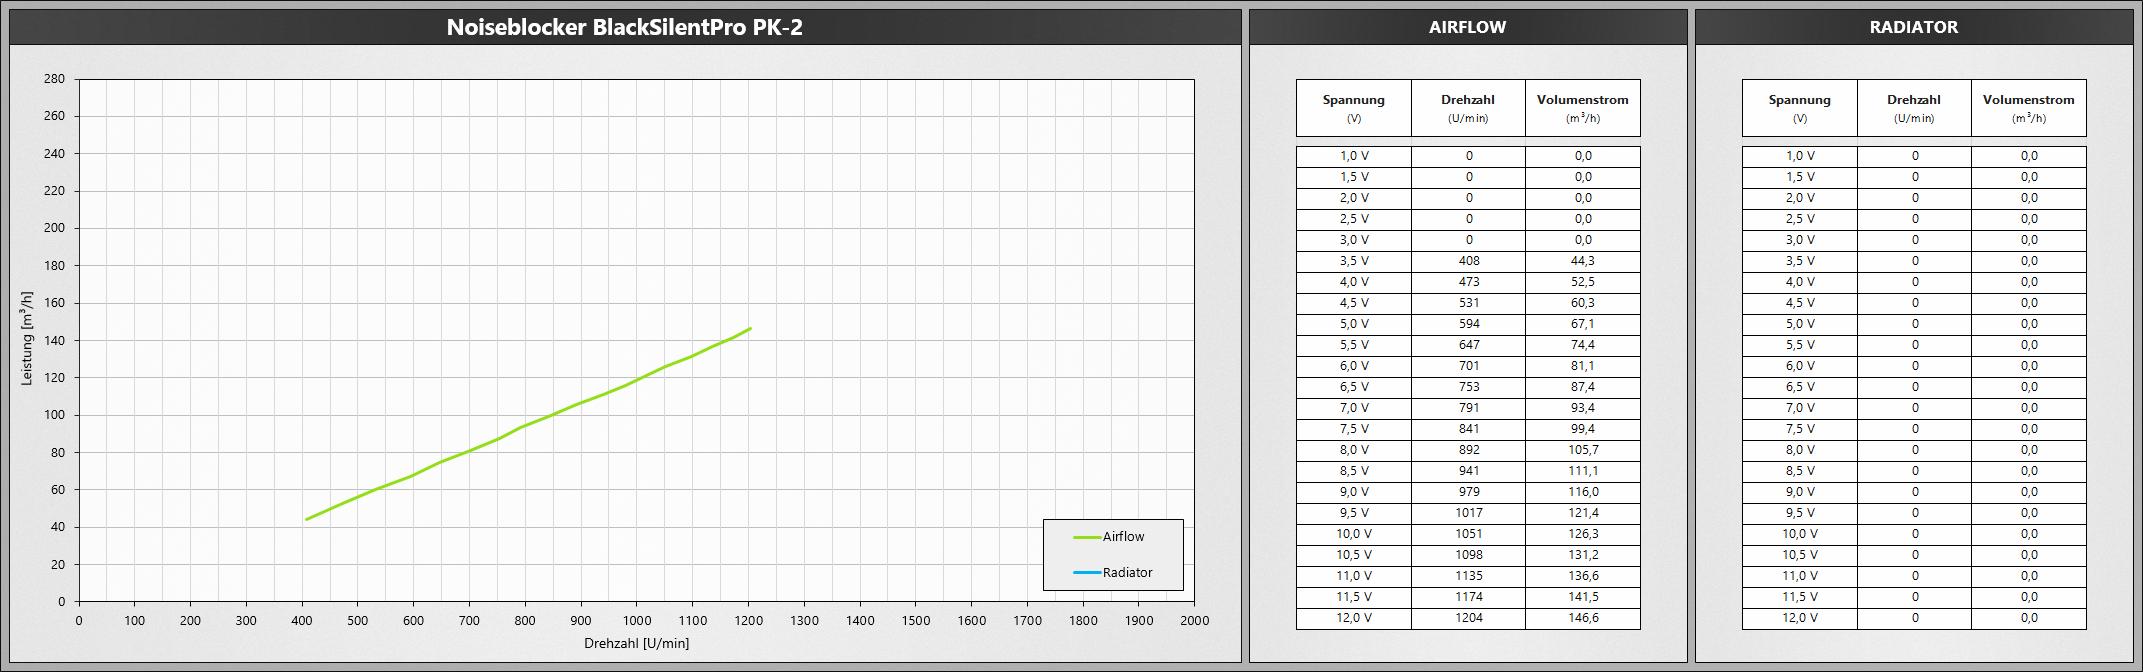 Klicken Sie auf die Grafik für eine größere Ansicht  Name:NBBSPPK2.png Hits:651 Größe:467,4 KB ID:1074768